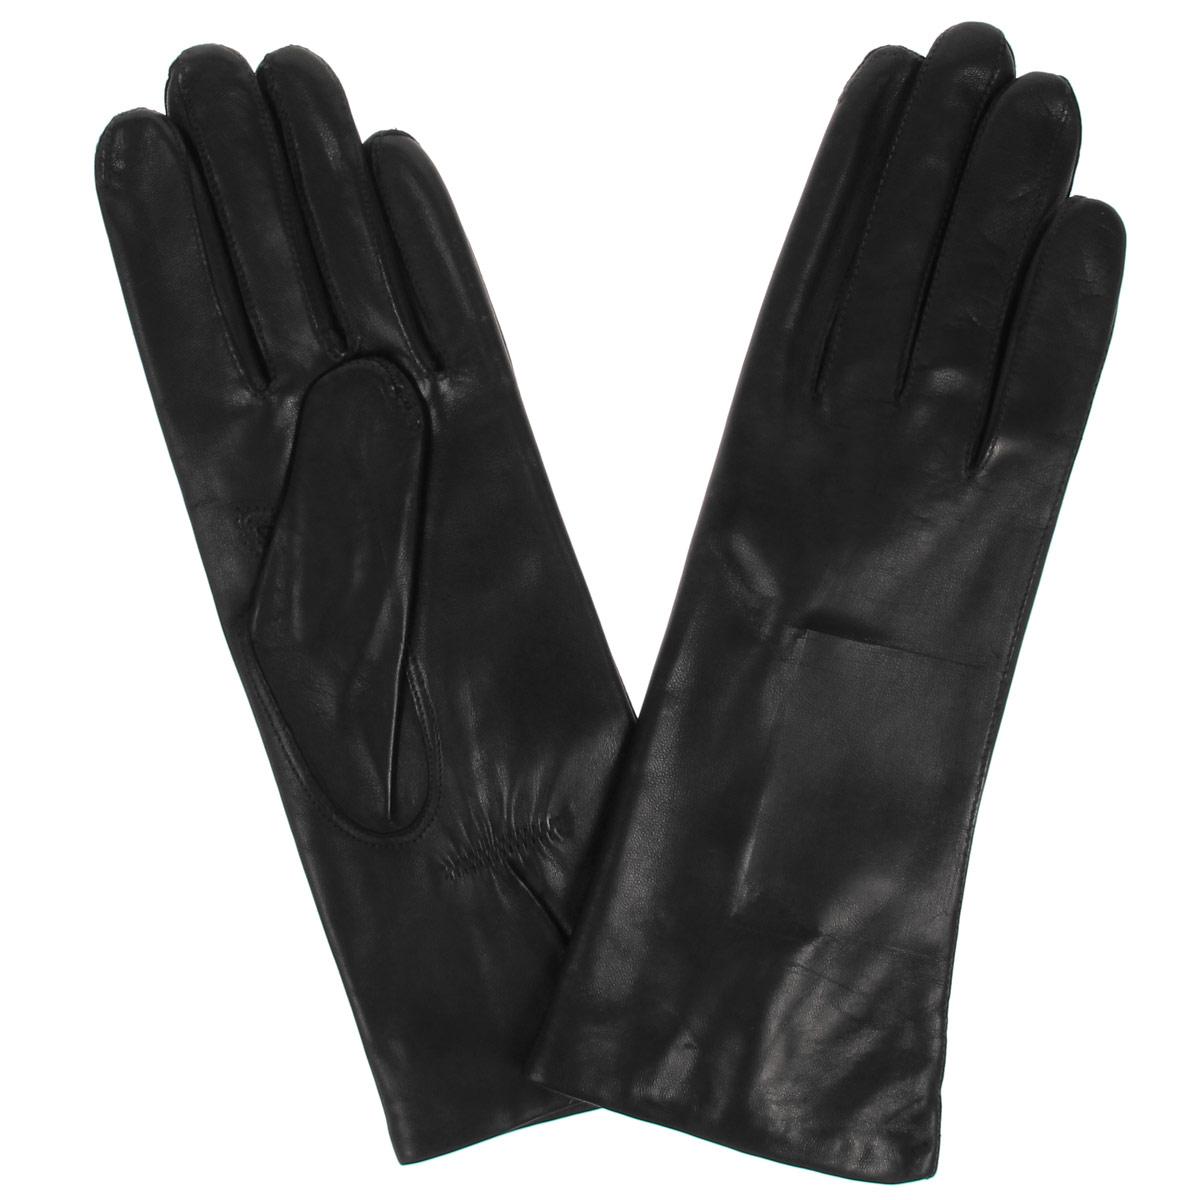 Перчатки женские Bartoc, цвет: темно-коричневый. DF12-231-r.mocca. Размер 6,5DF12-231-r.moccaСтильные женские перчатки Bartoc не только защитят ваши руки от холода, но и станут великолепным украшением. Они выполнены из мягкой и приятной на ощупь натуральной кожи ягненка, подкладка - из шерсти. На тыльной стороне перчатки присборены на небольшие резиночки для лучшего прилегания к запястью.Перчатки являются неотъемлемой принадлежностью одежды, вместе с этим аксессуаром вы обретаете женственность и элегантность. Они станут завершающим и подчеркивающим элементом вашего неповторимого стиля и индивидуальности.